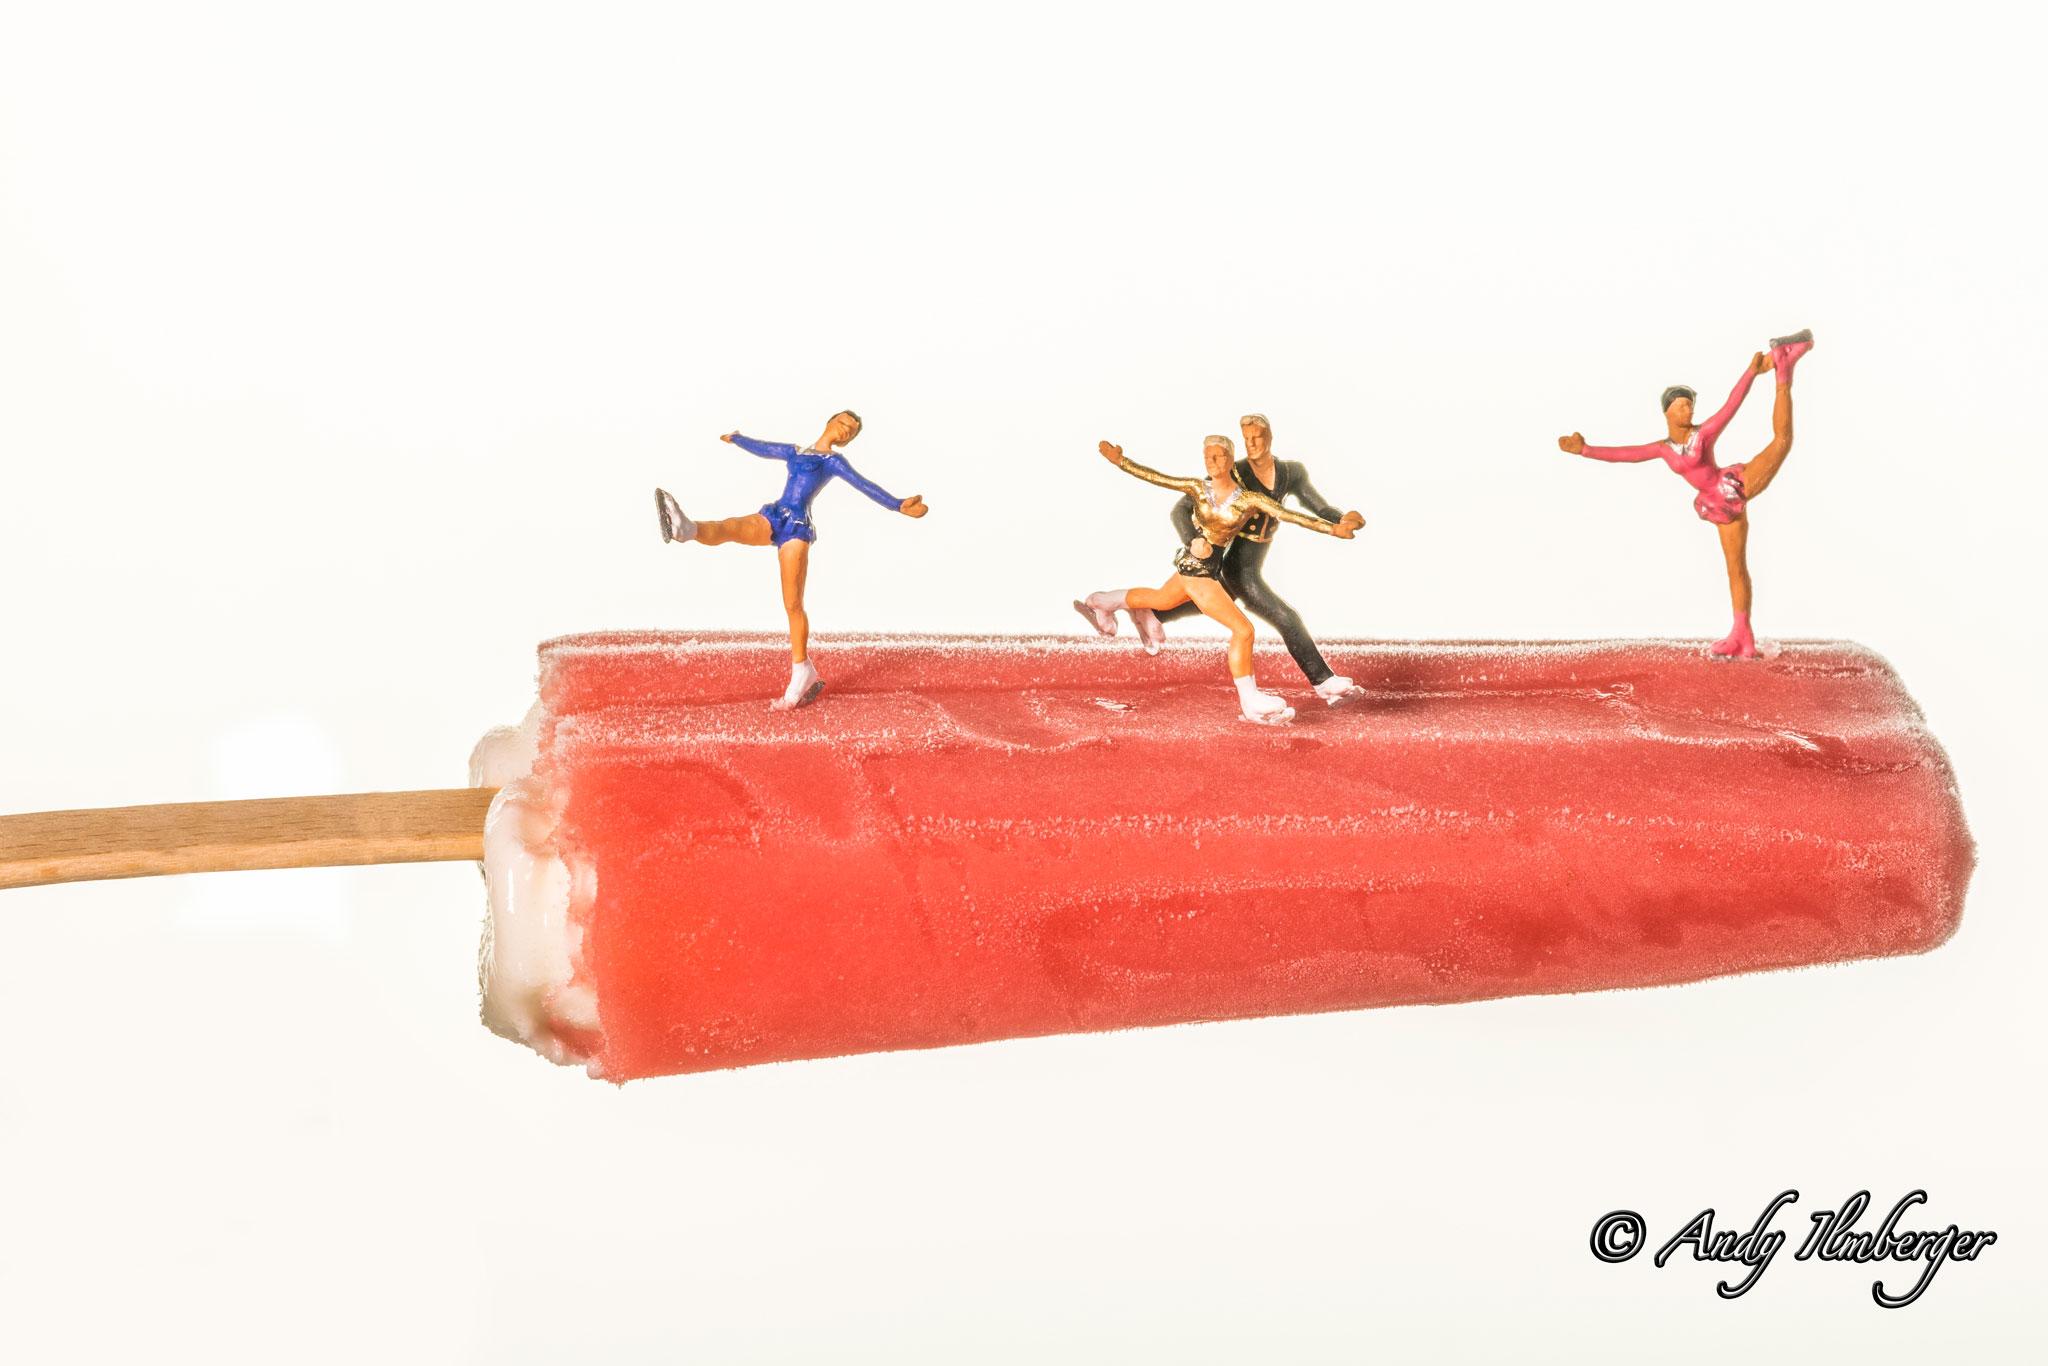 Eiskunstlauf auf Eis am Stil - H0-Figuren in Szene gesetzt von © Andy Ilmberger im Kleine-Helden.Club